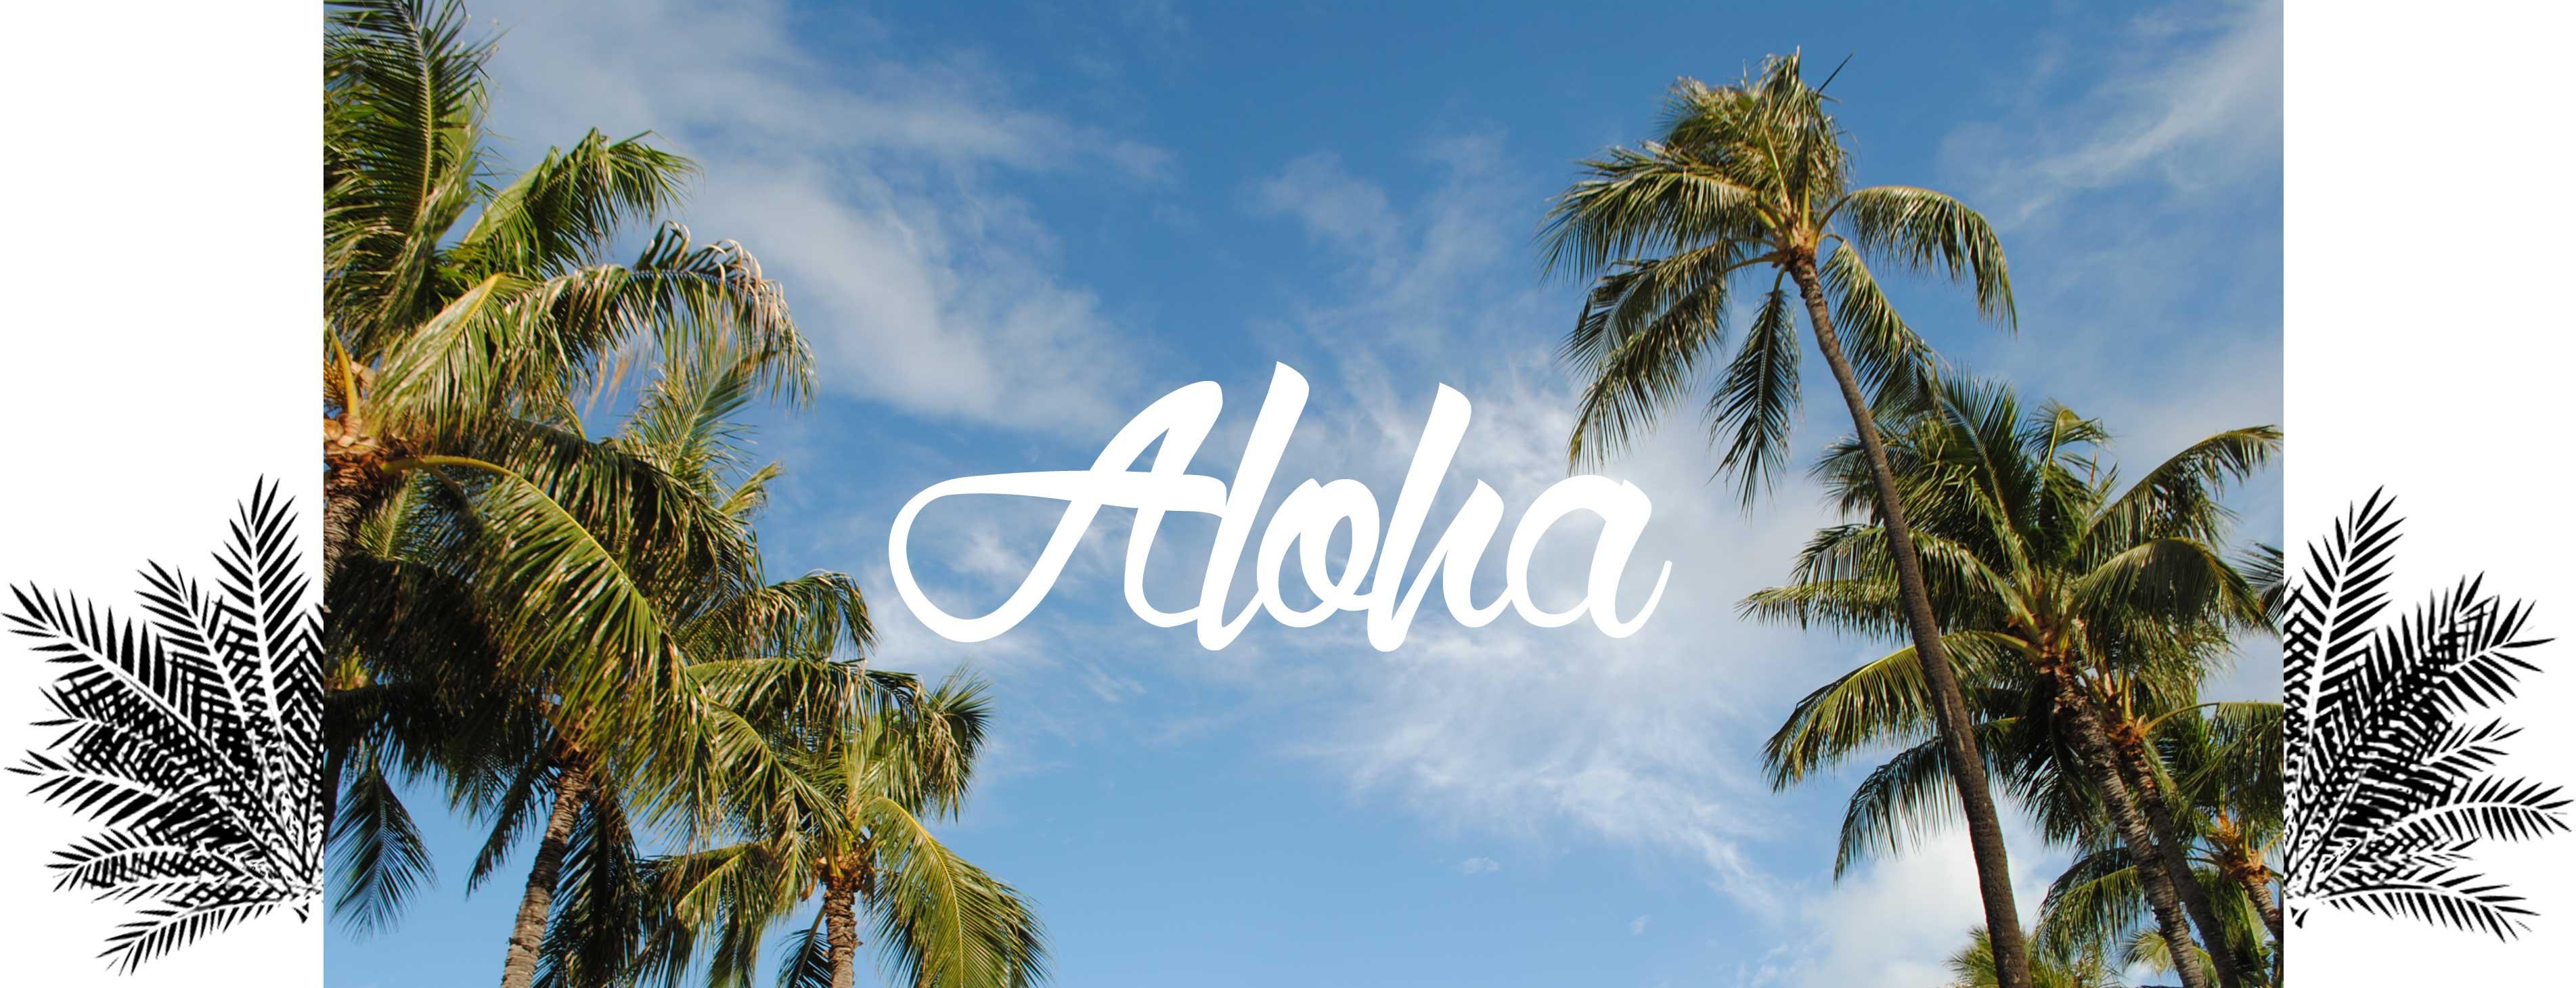 rencontres Hawaii idées de nom d'écran pour les sites de rencontre